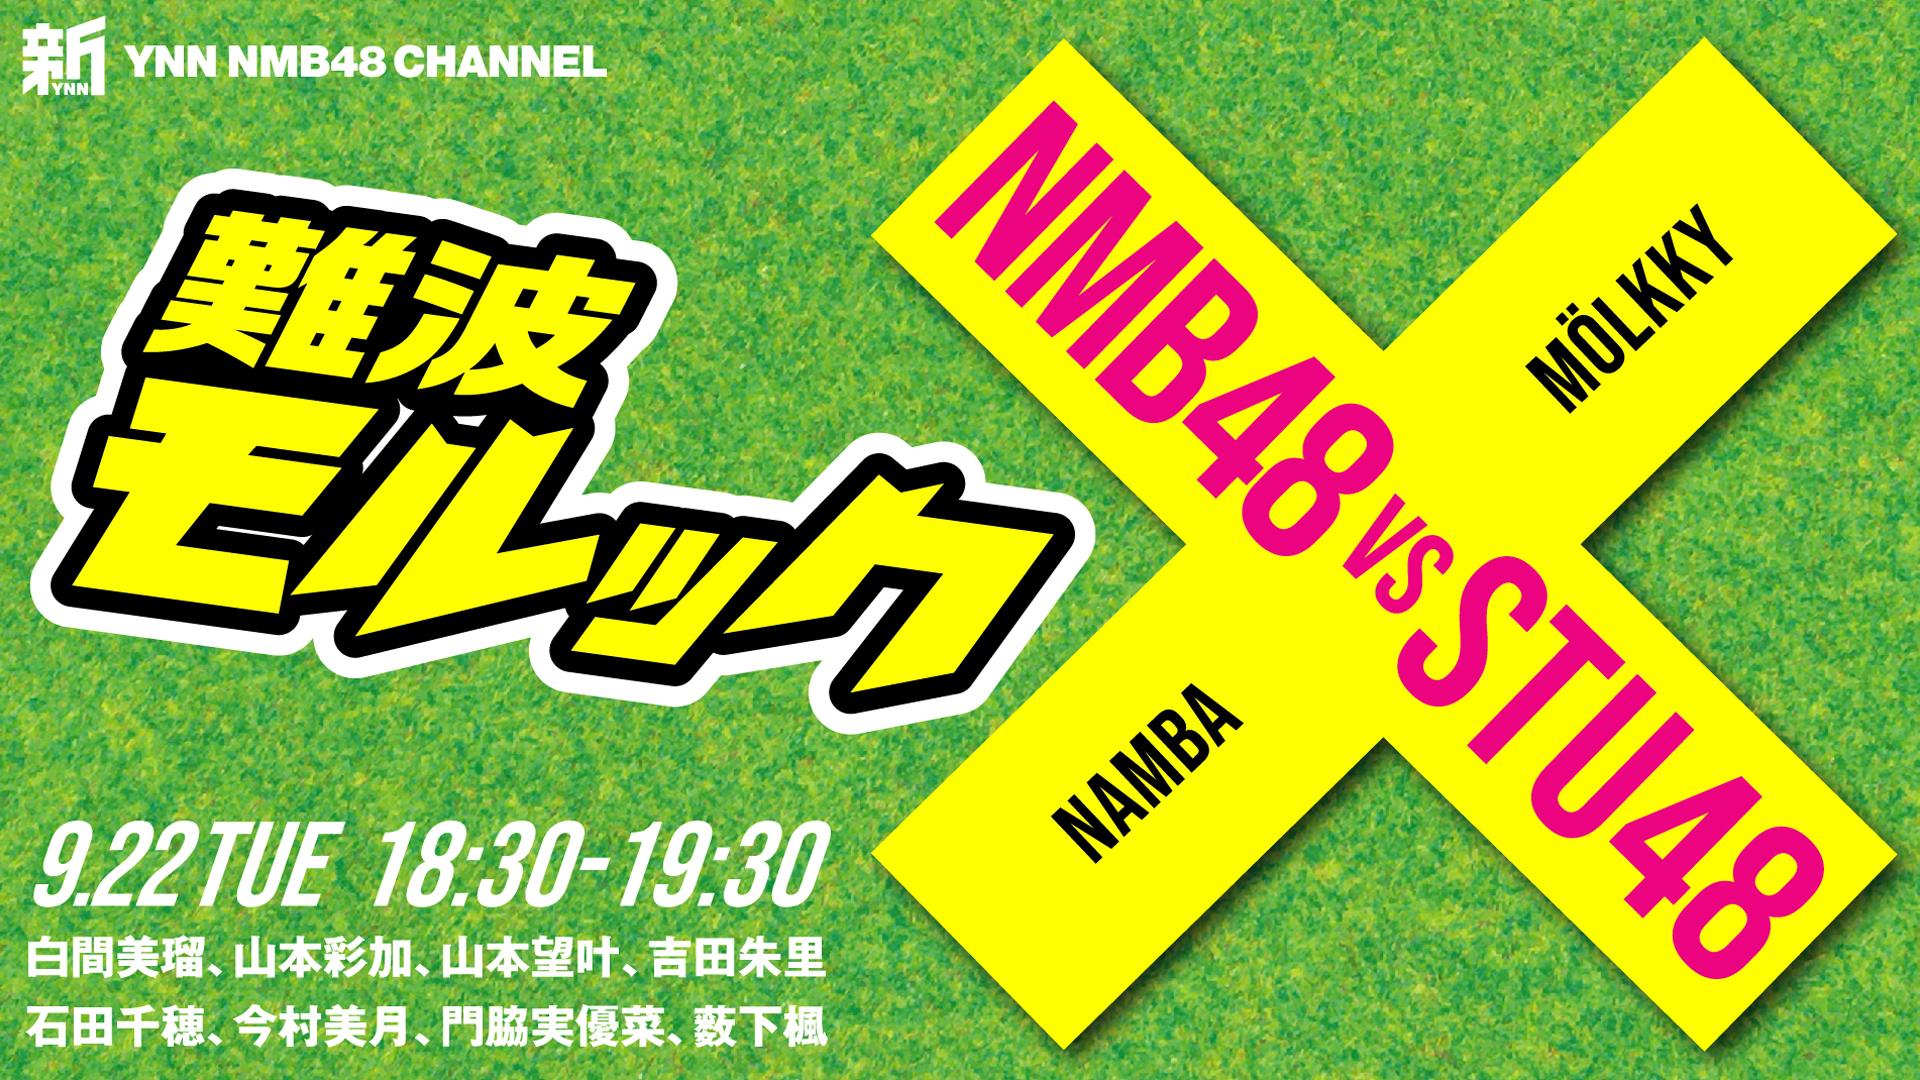 【NMB48】新YNN 『難波モルック』STUチャンネル『瀬戸内カンジャム』、盛り上がる